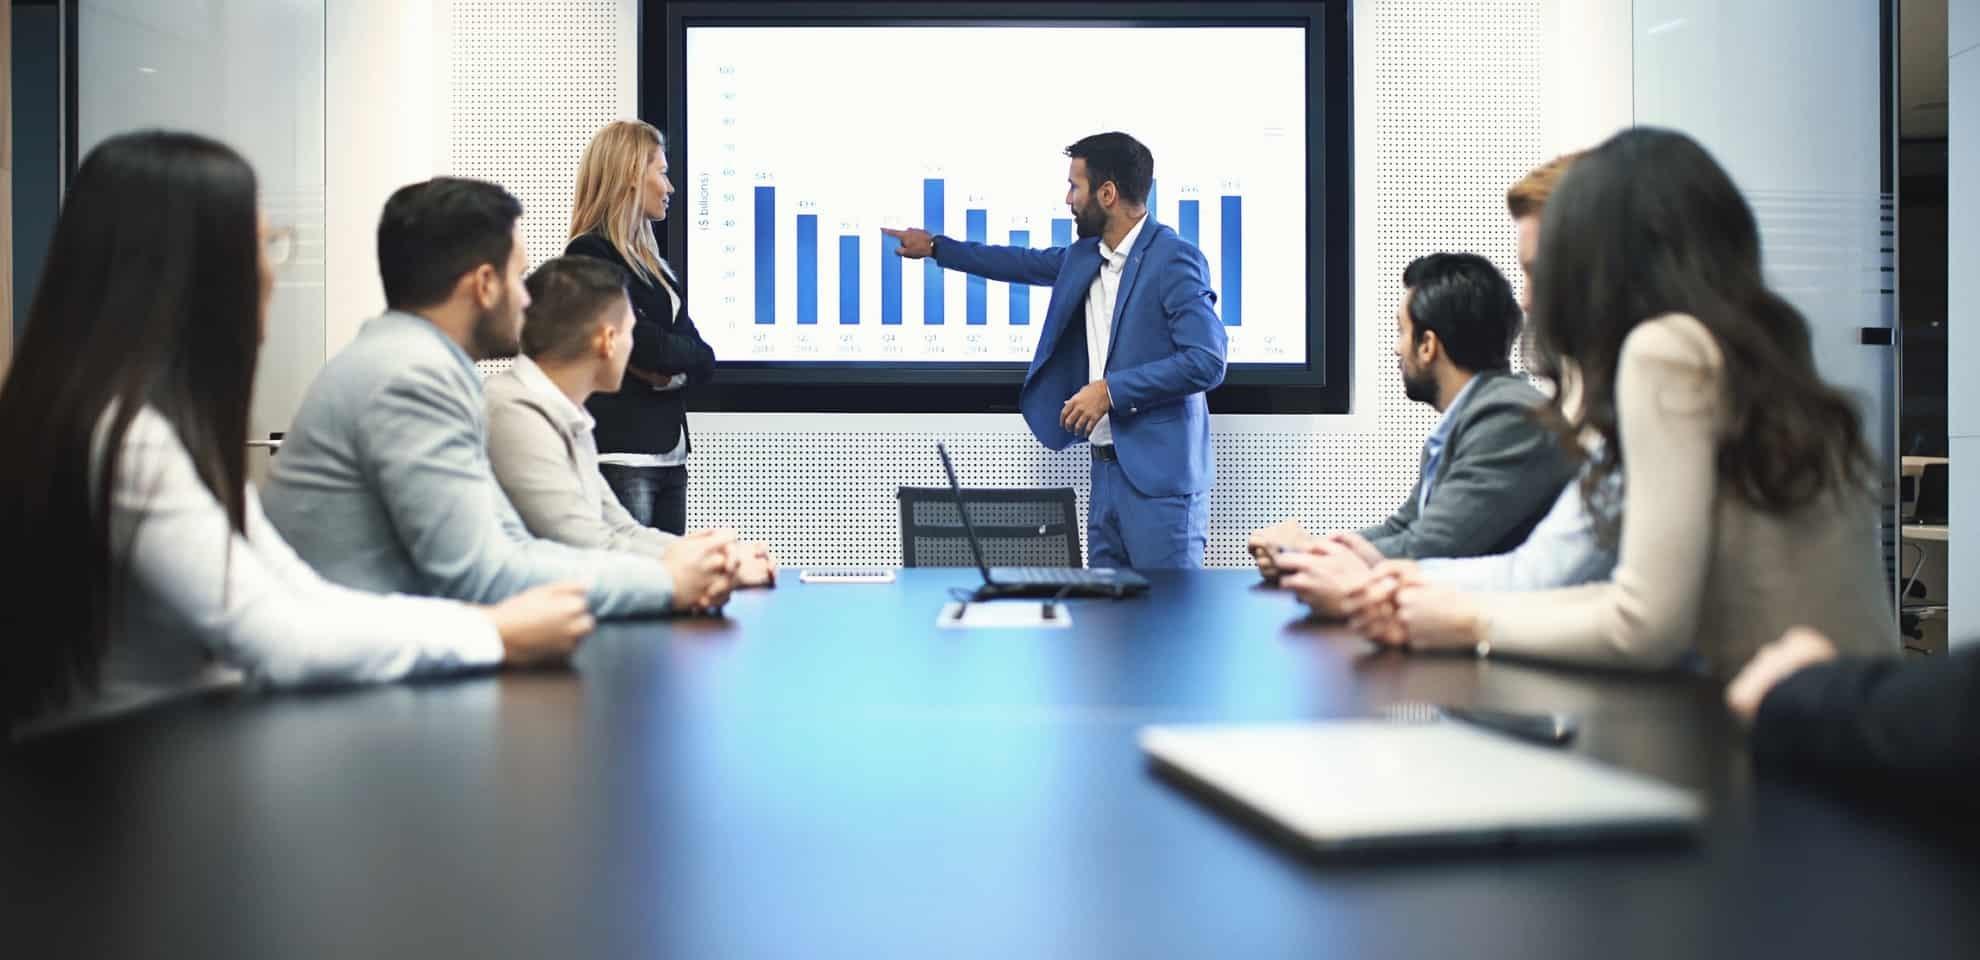 مدارک مورد نیاز جهت اخذ رتبه ۳ مشاور مطالعات آماری